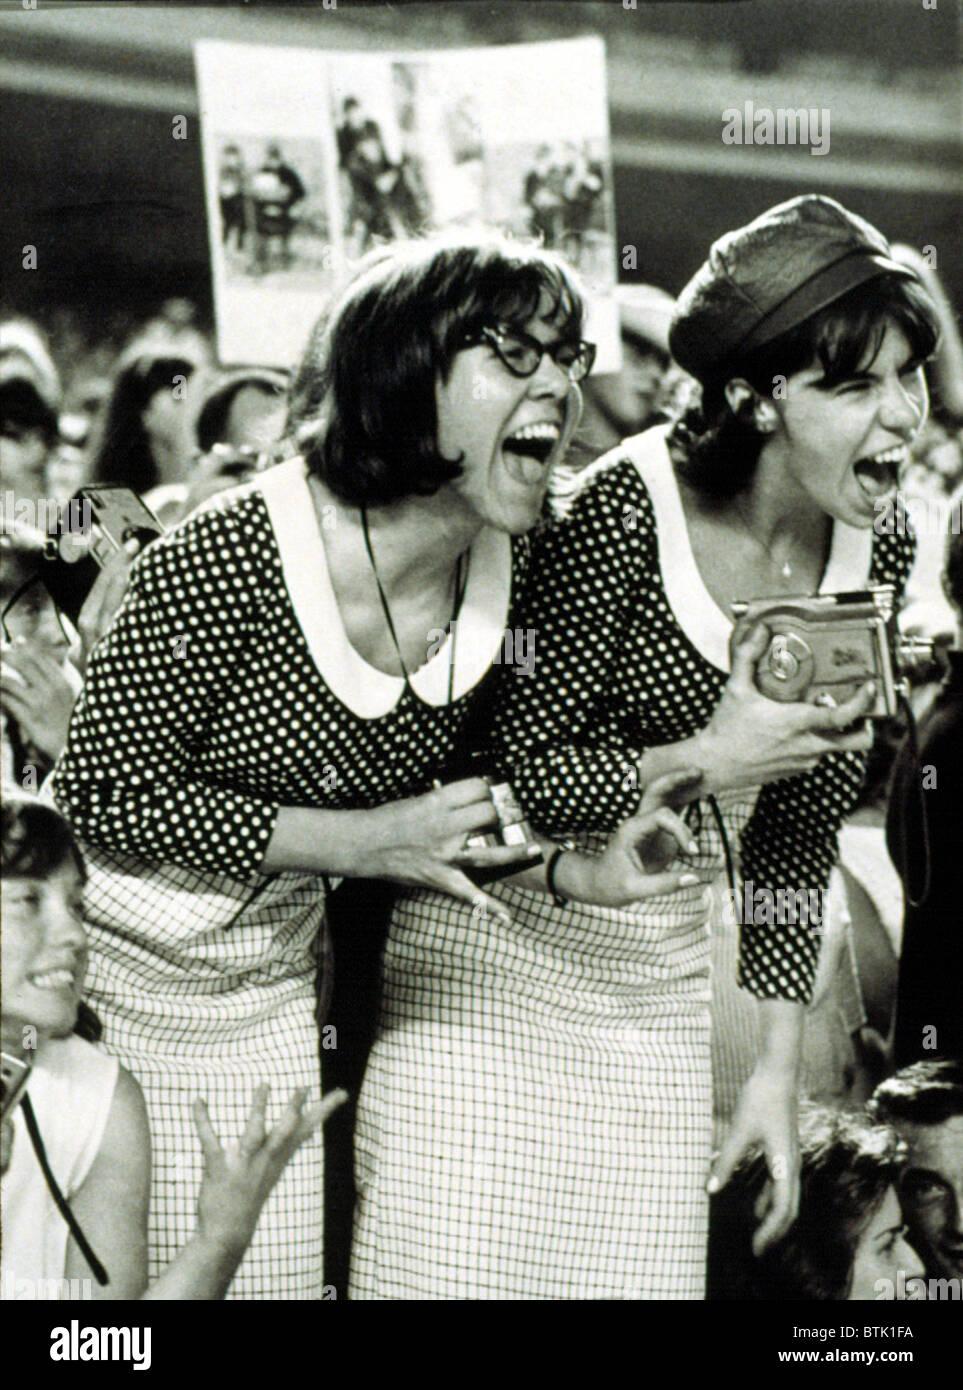 """BEATLES fãs gritam em um concerto no Estádio Shea, NY, 8/15/65, exibindo o que é chamado de """"Beatlemania"""". Imagens de Stock"""